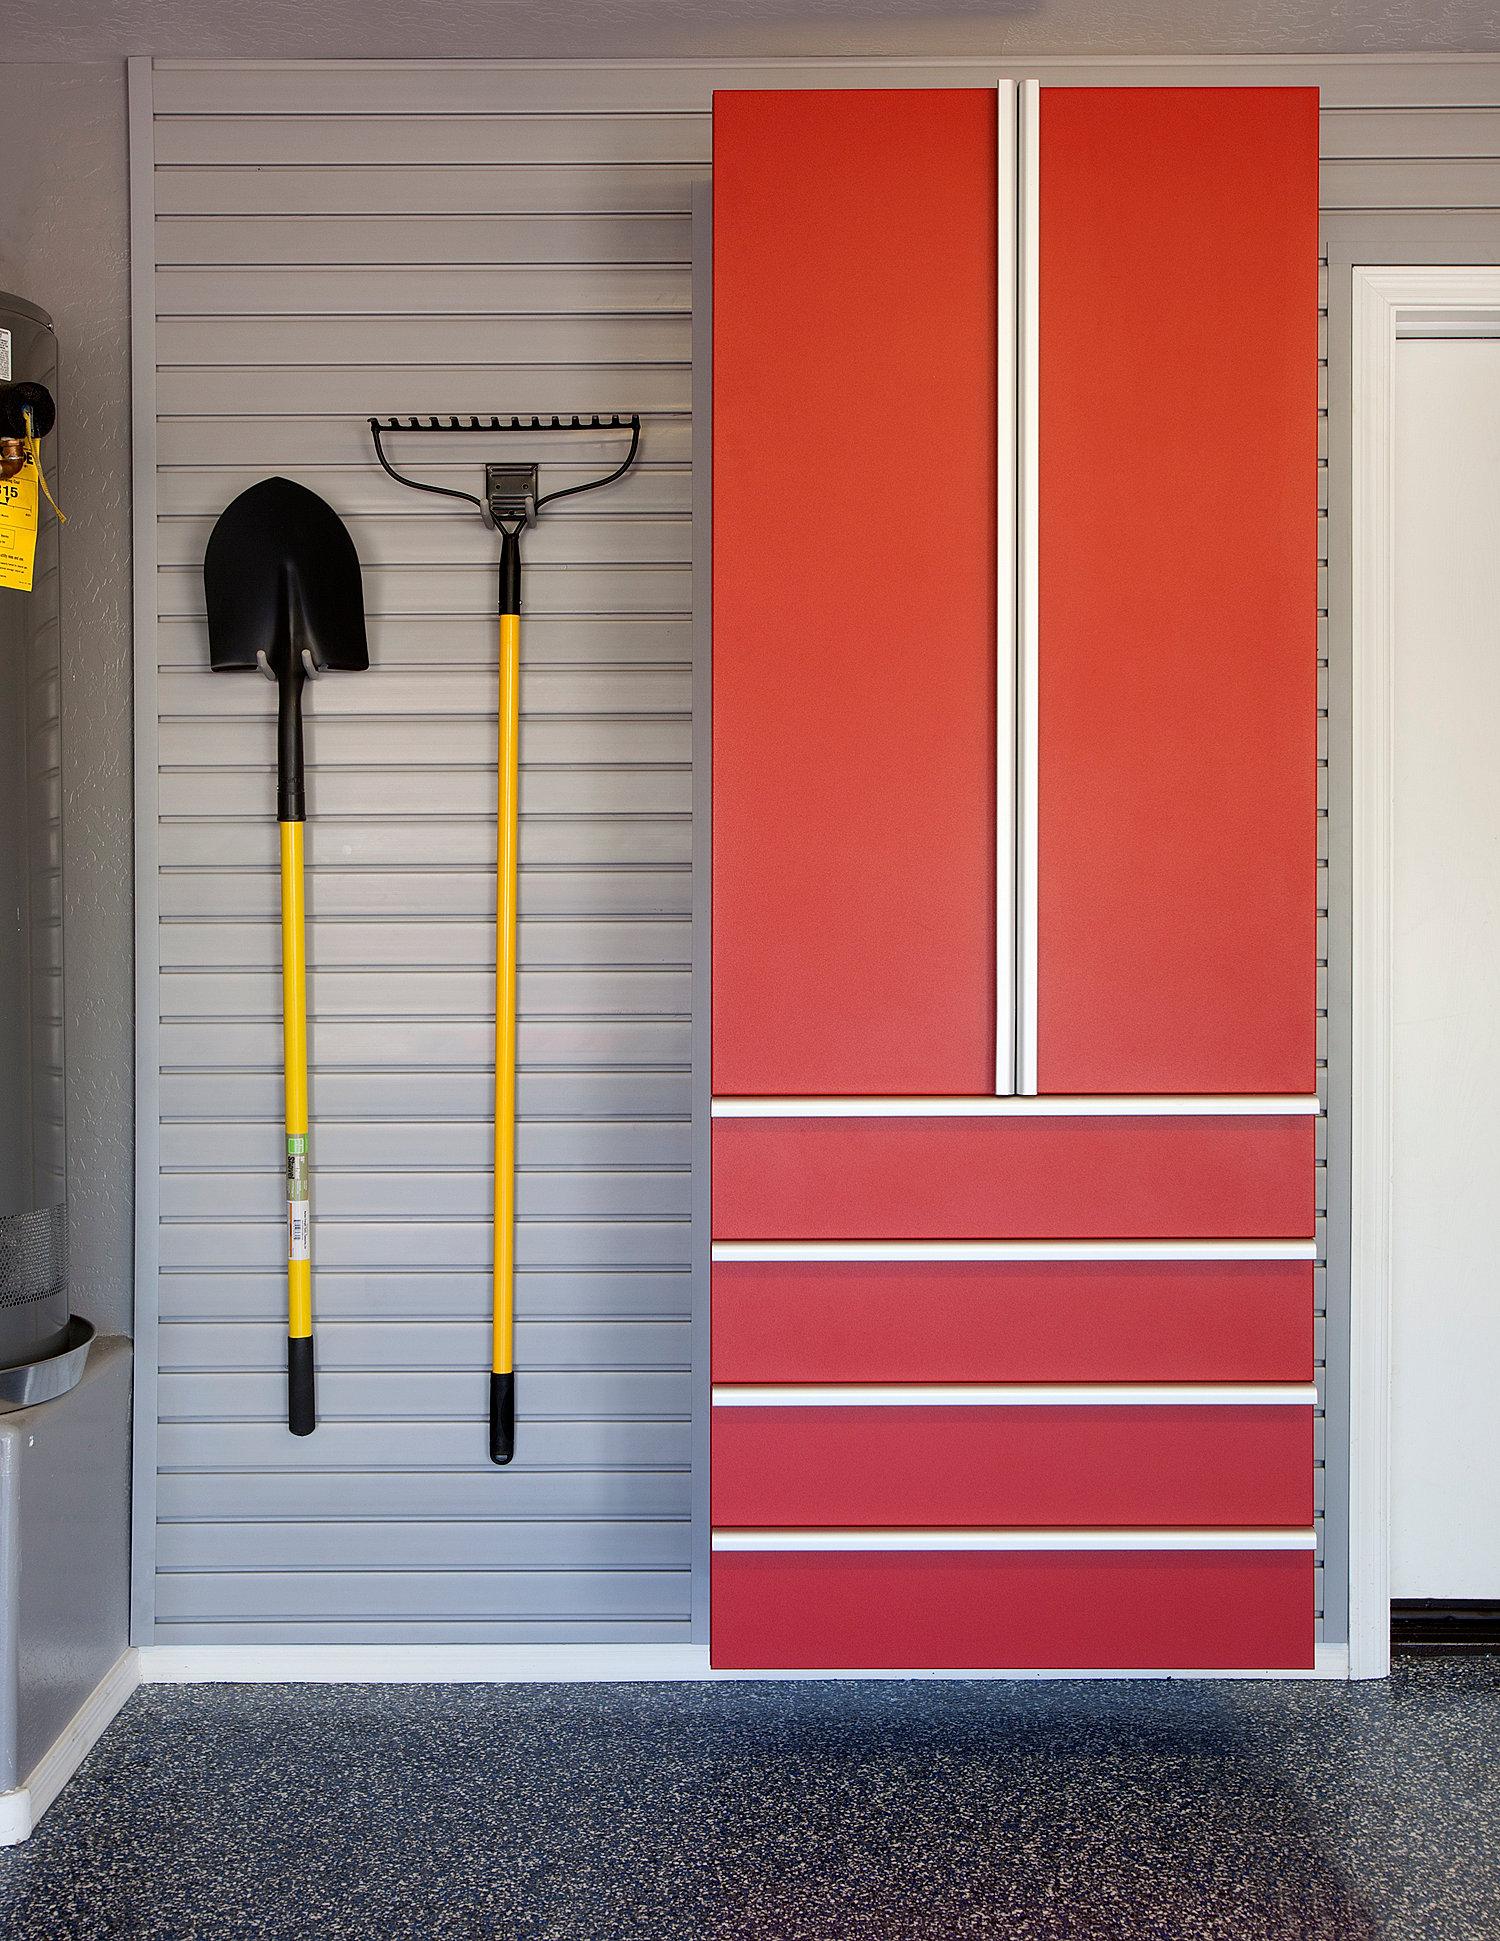 Garage Flooring, Garage Cabinets, Storage and Organization ...